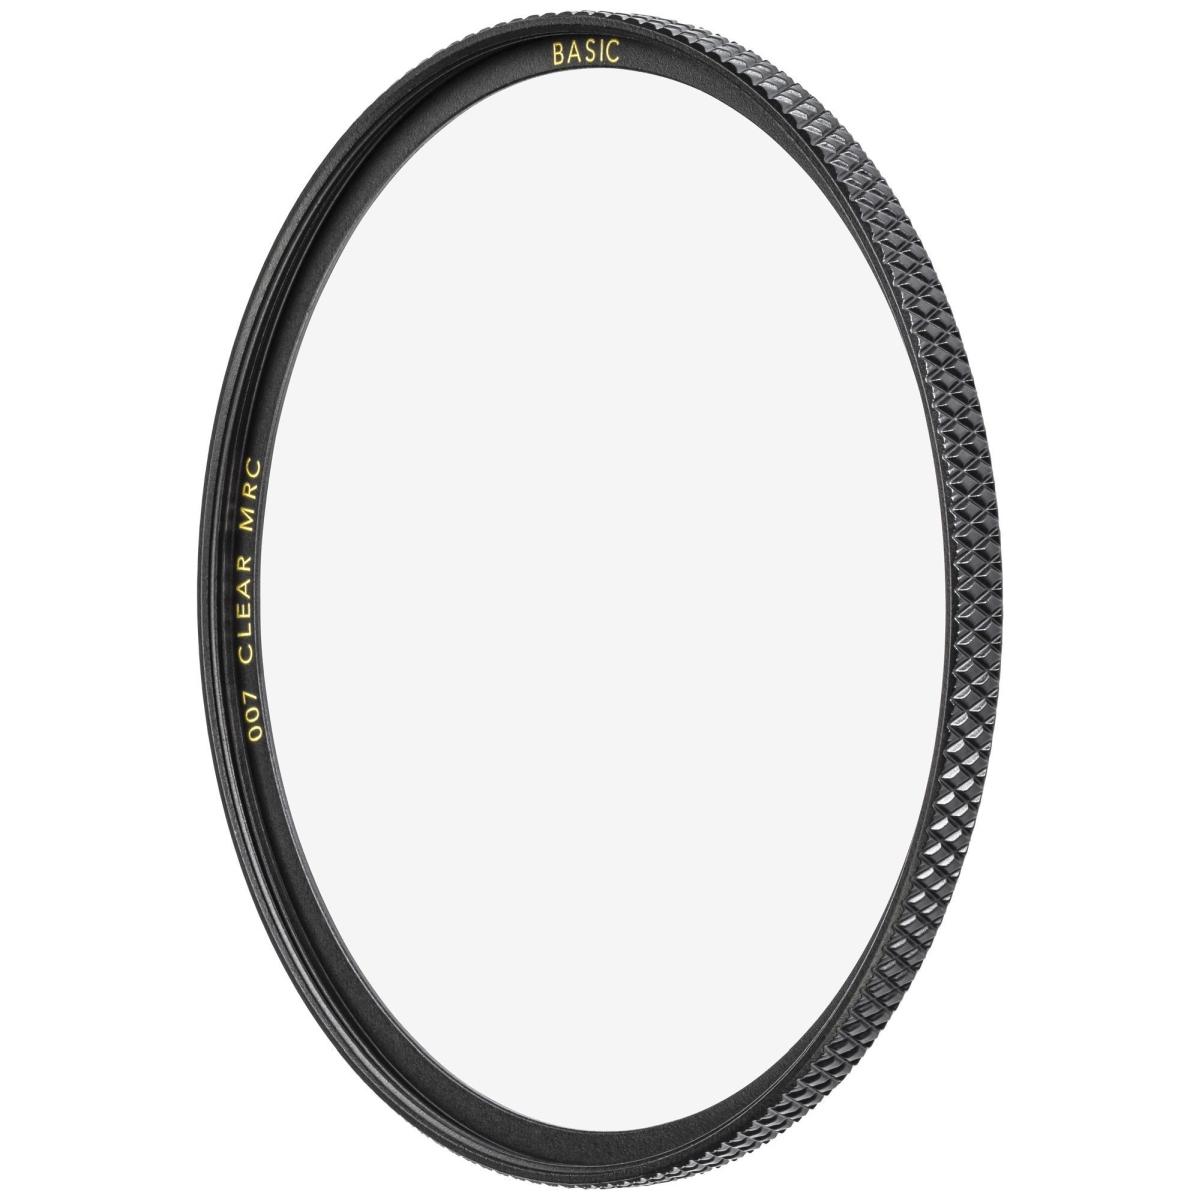 B+W Clear Filter 46 mm MRC Basic